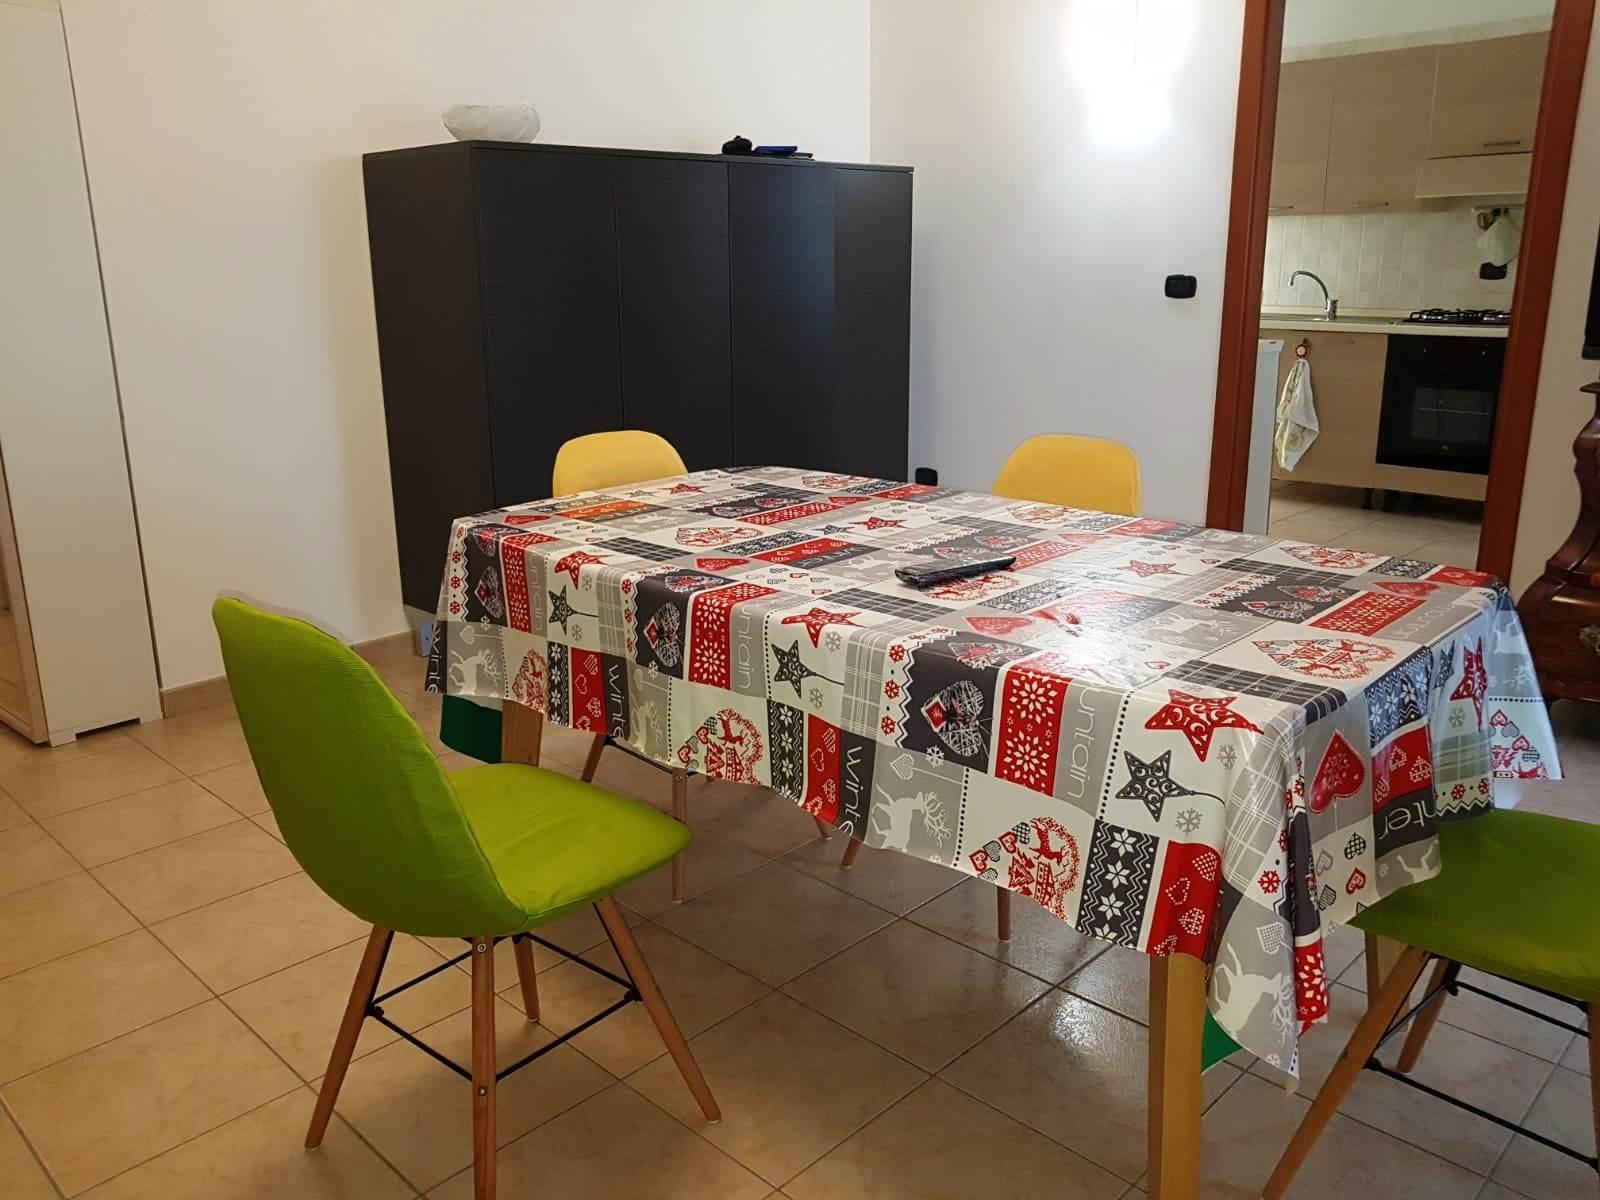 Appartamento BRINDISI vendita  Perrino  Coldwell Banker Millenia